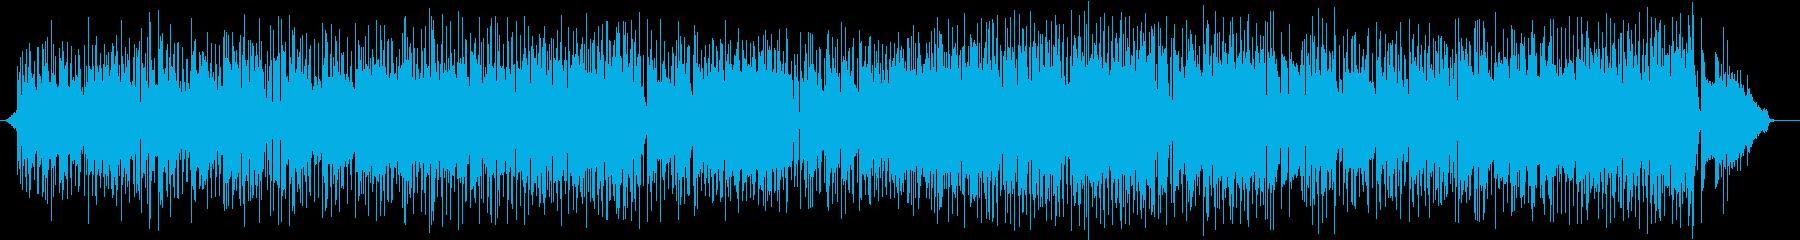 ほのぼのフュージョンの再生済みの波形